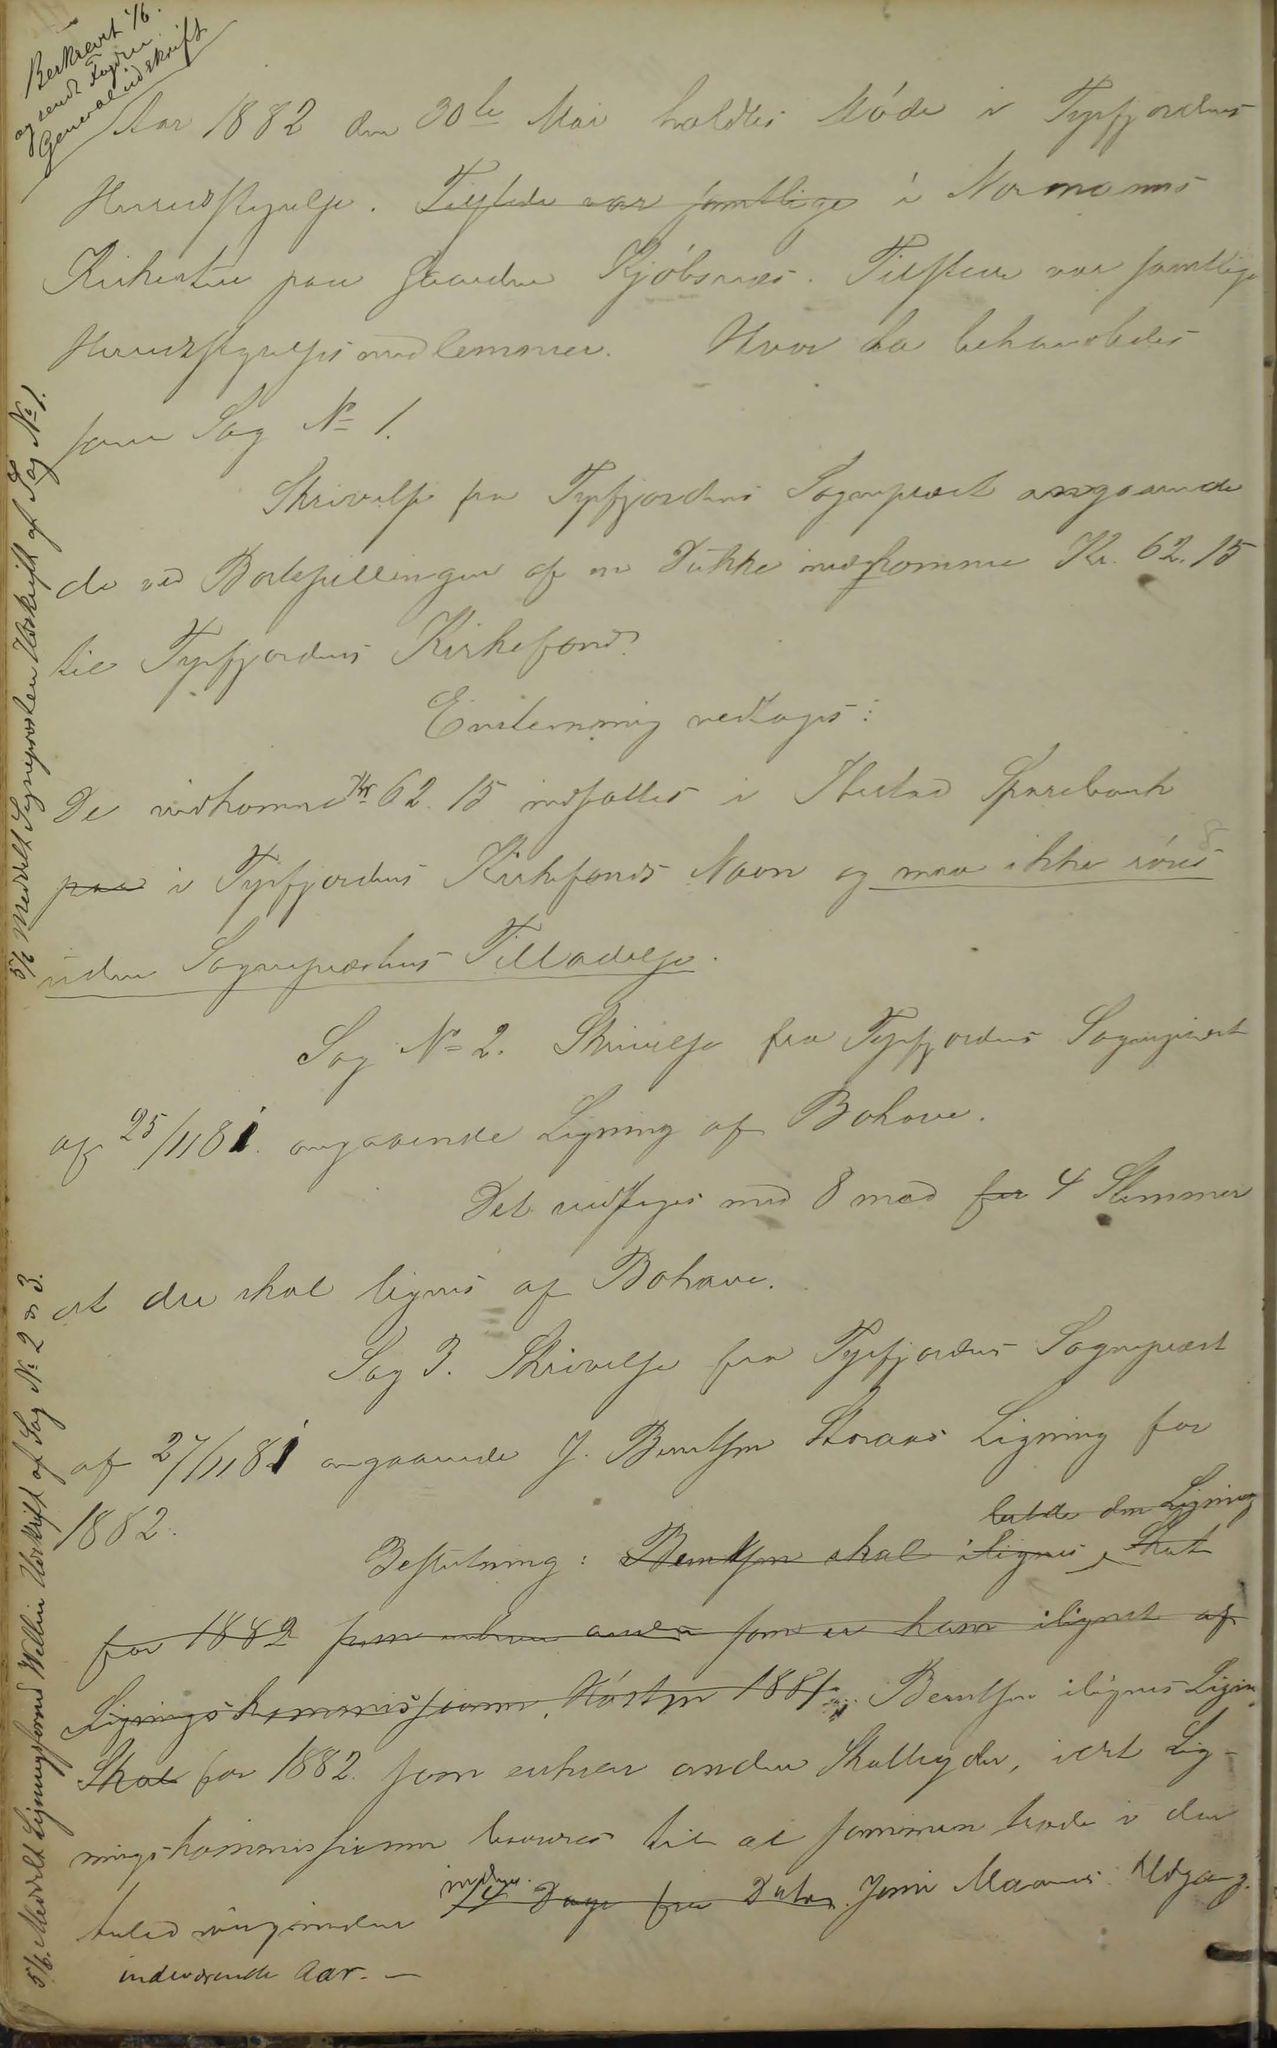 AIN, Tysfjord kommune. Formannskapet, 100/L0001: Forhandlingsprotokoll for Tysfjordens formandskab, 1869-1895, p. 70b